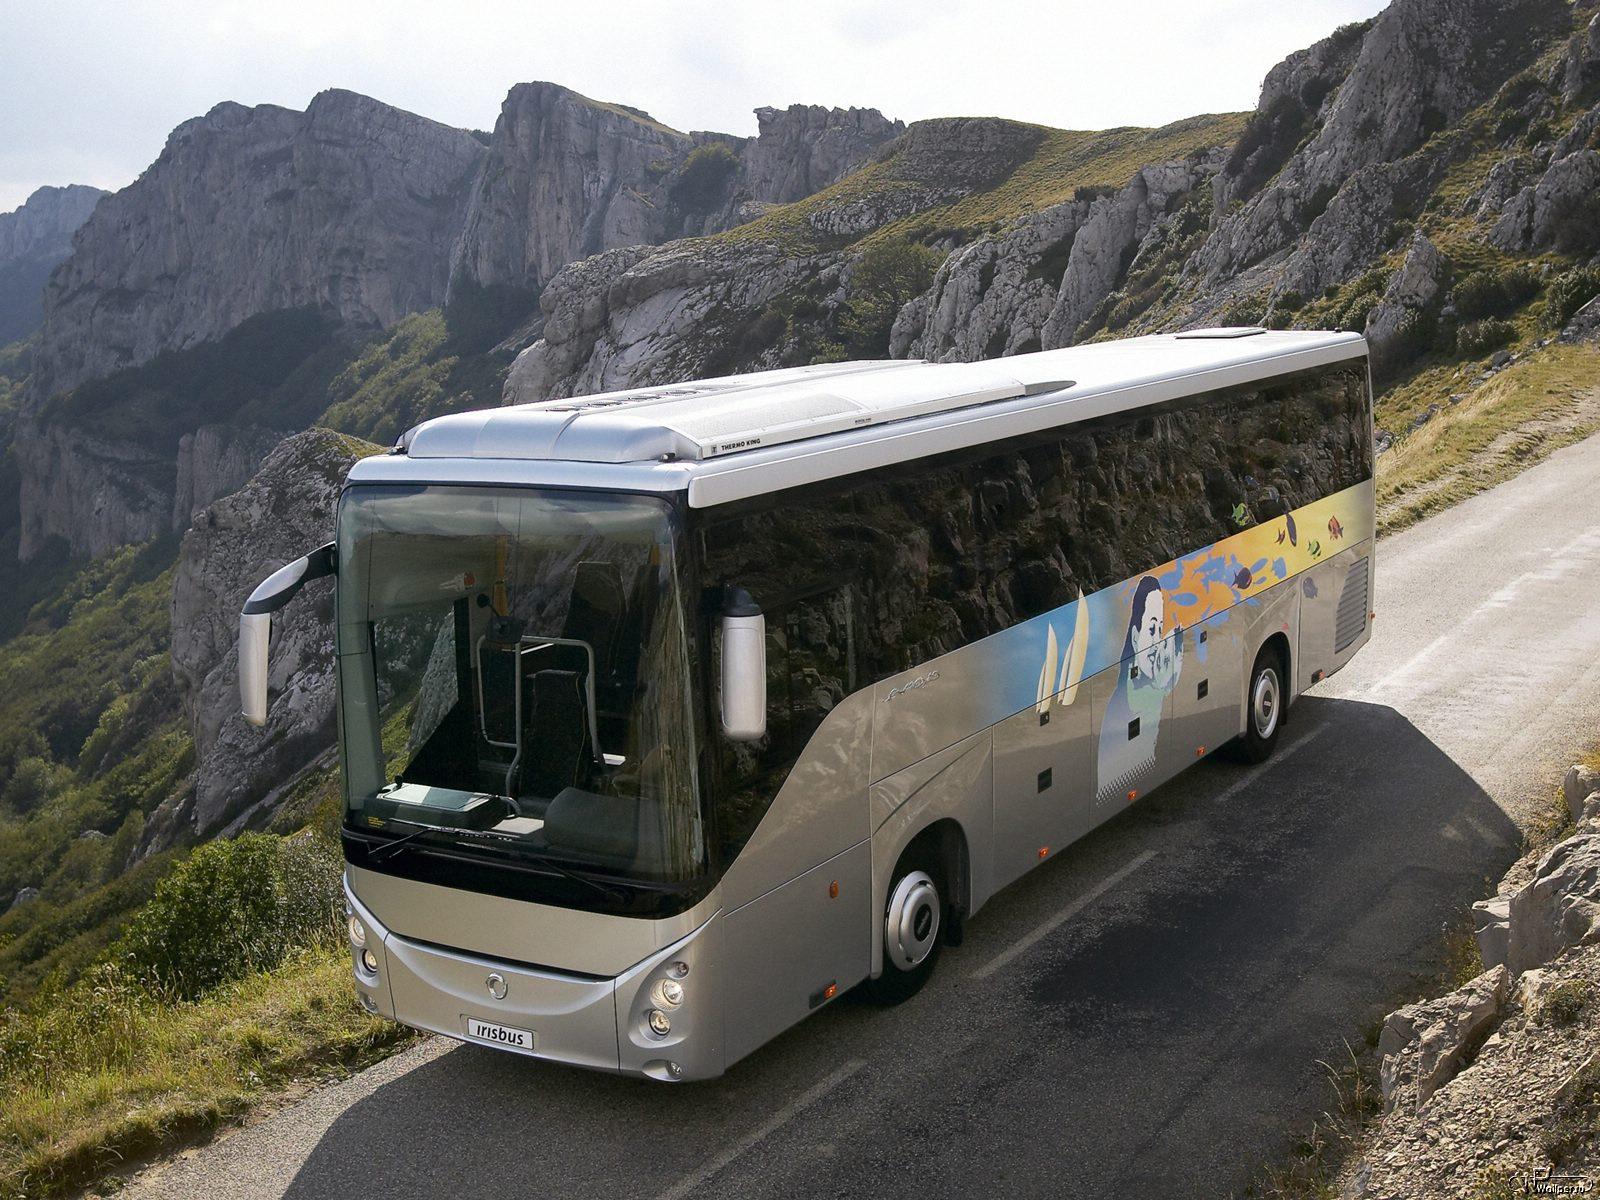 Быть или не быть: сложности, опасности автобусных туров для пенсионеров